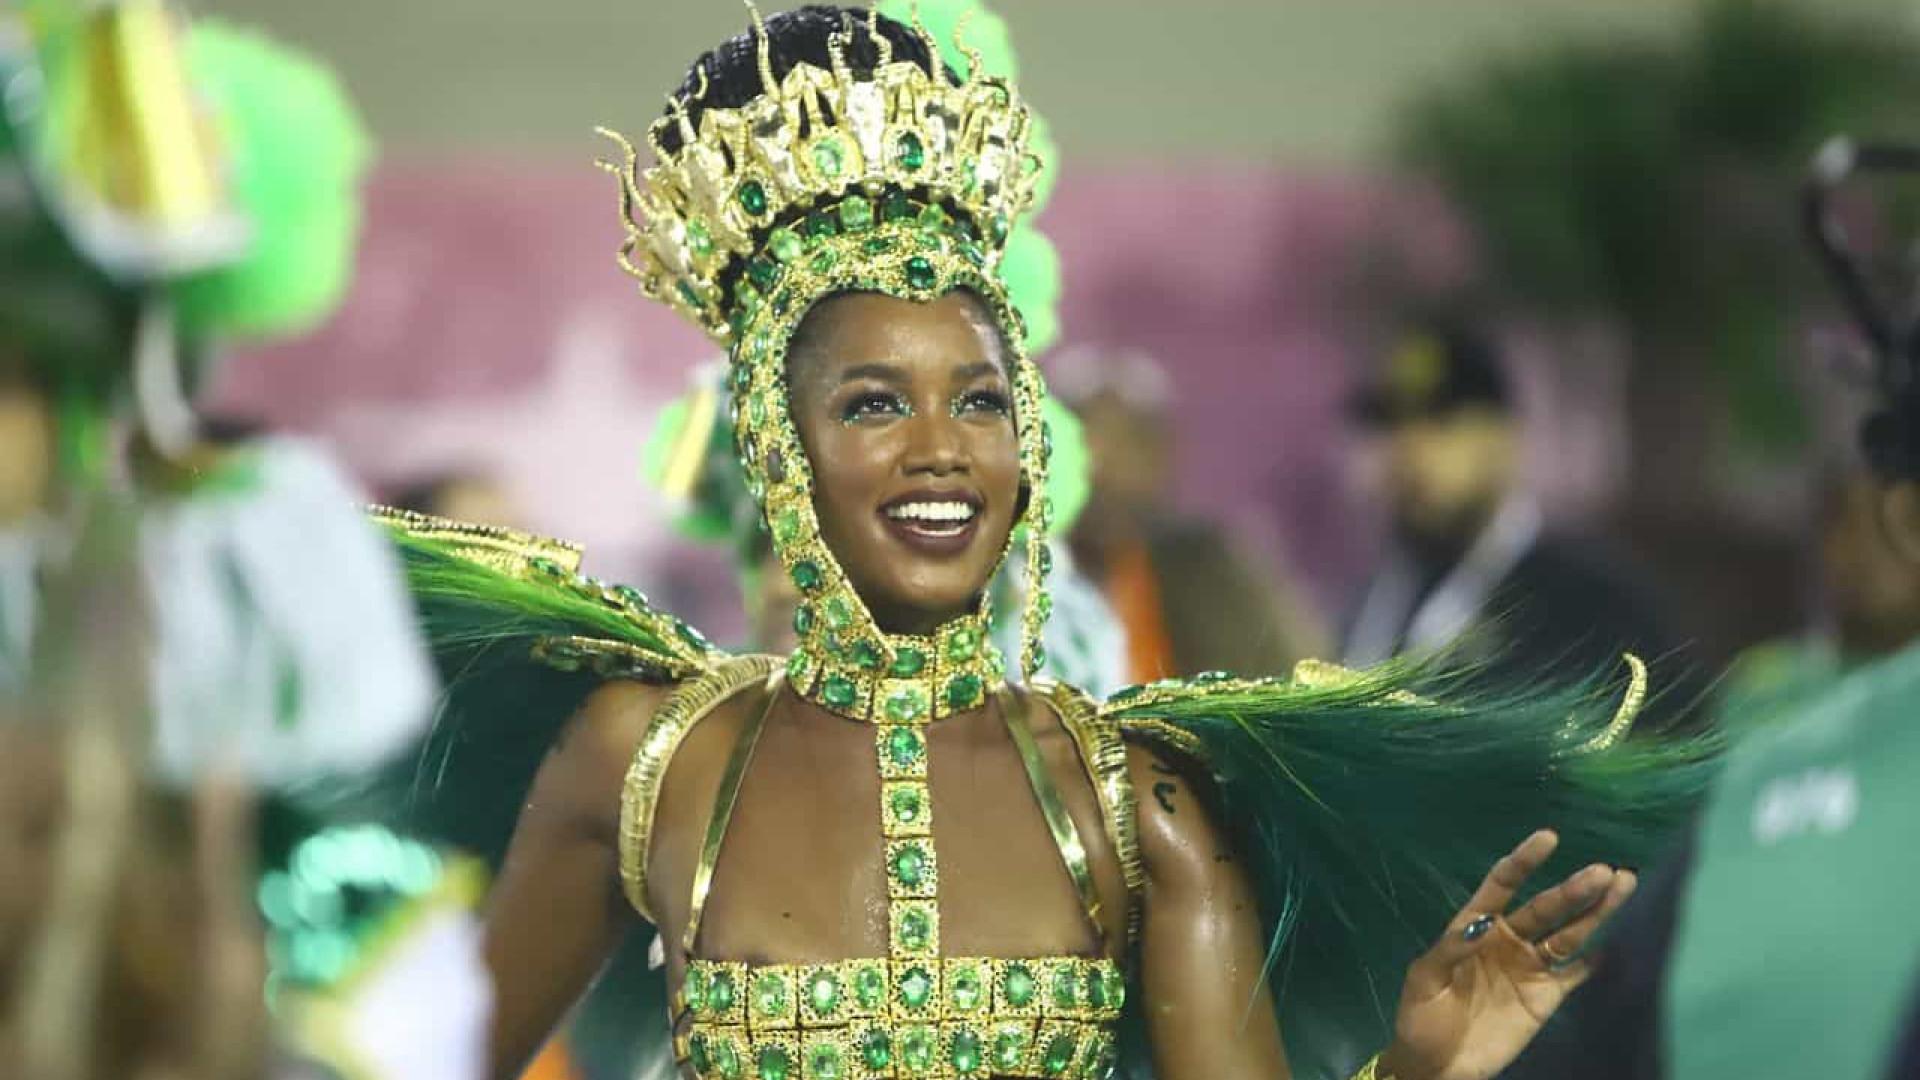 Iza surge deslumbrante no Rio; veja os destaques do Carnaval